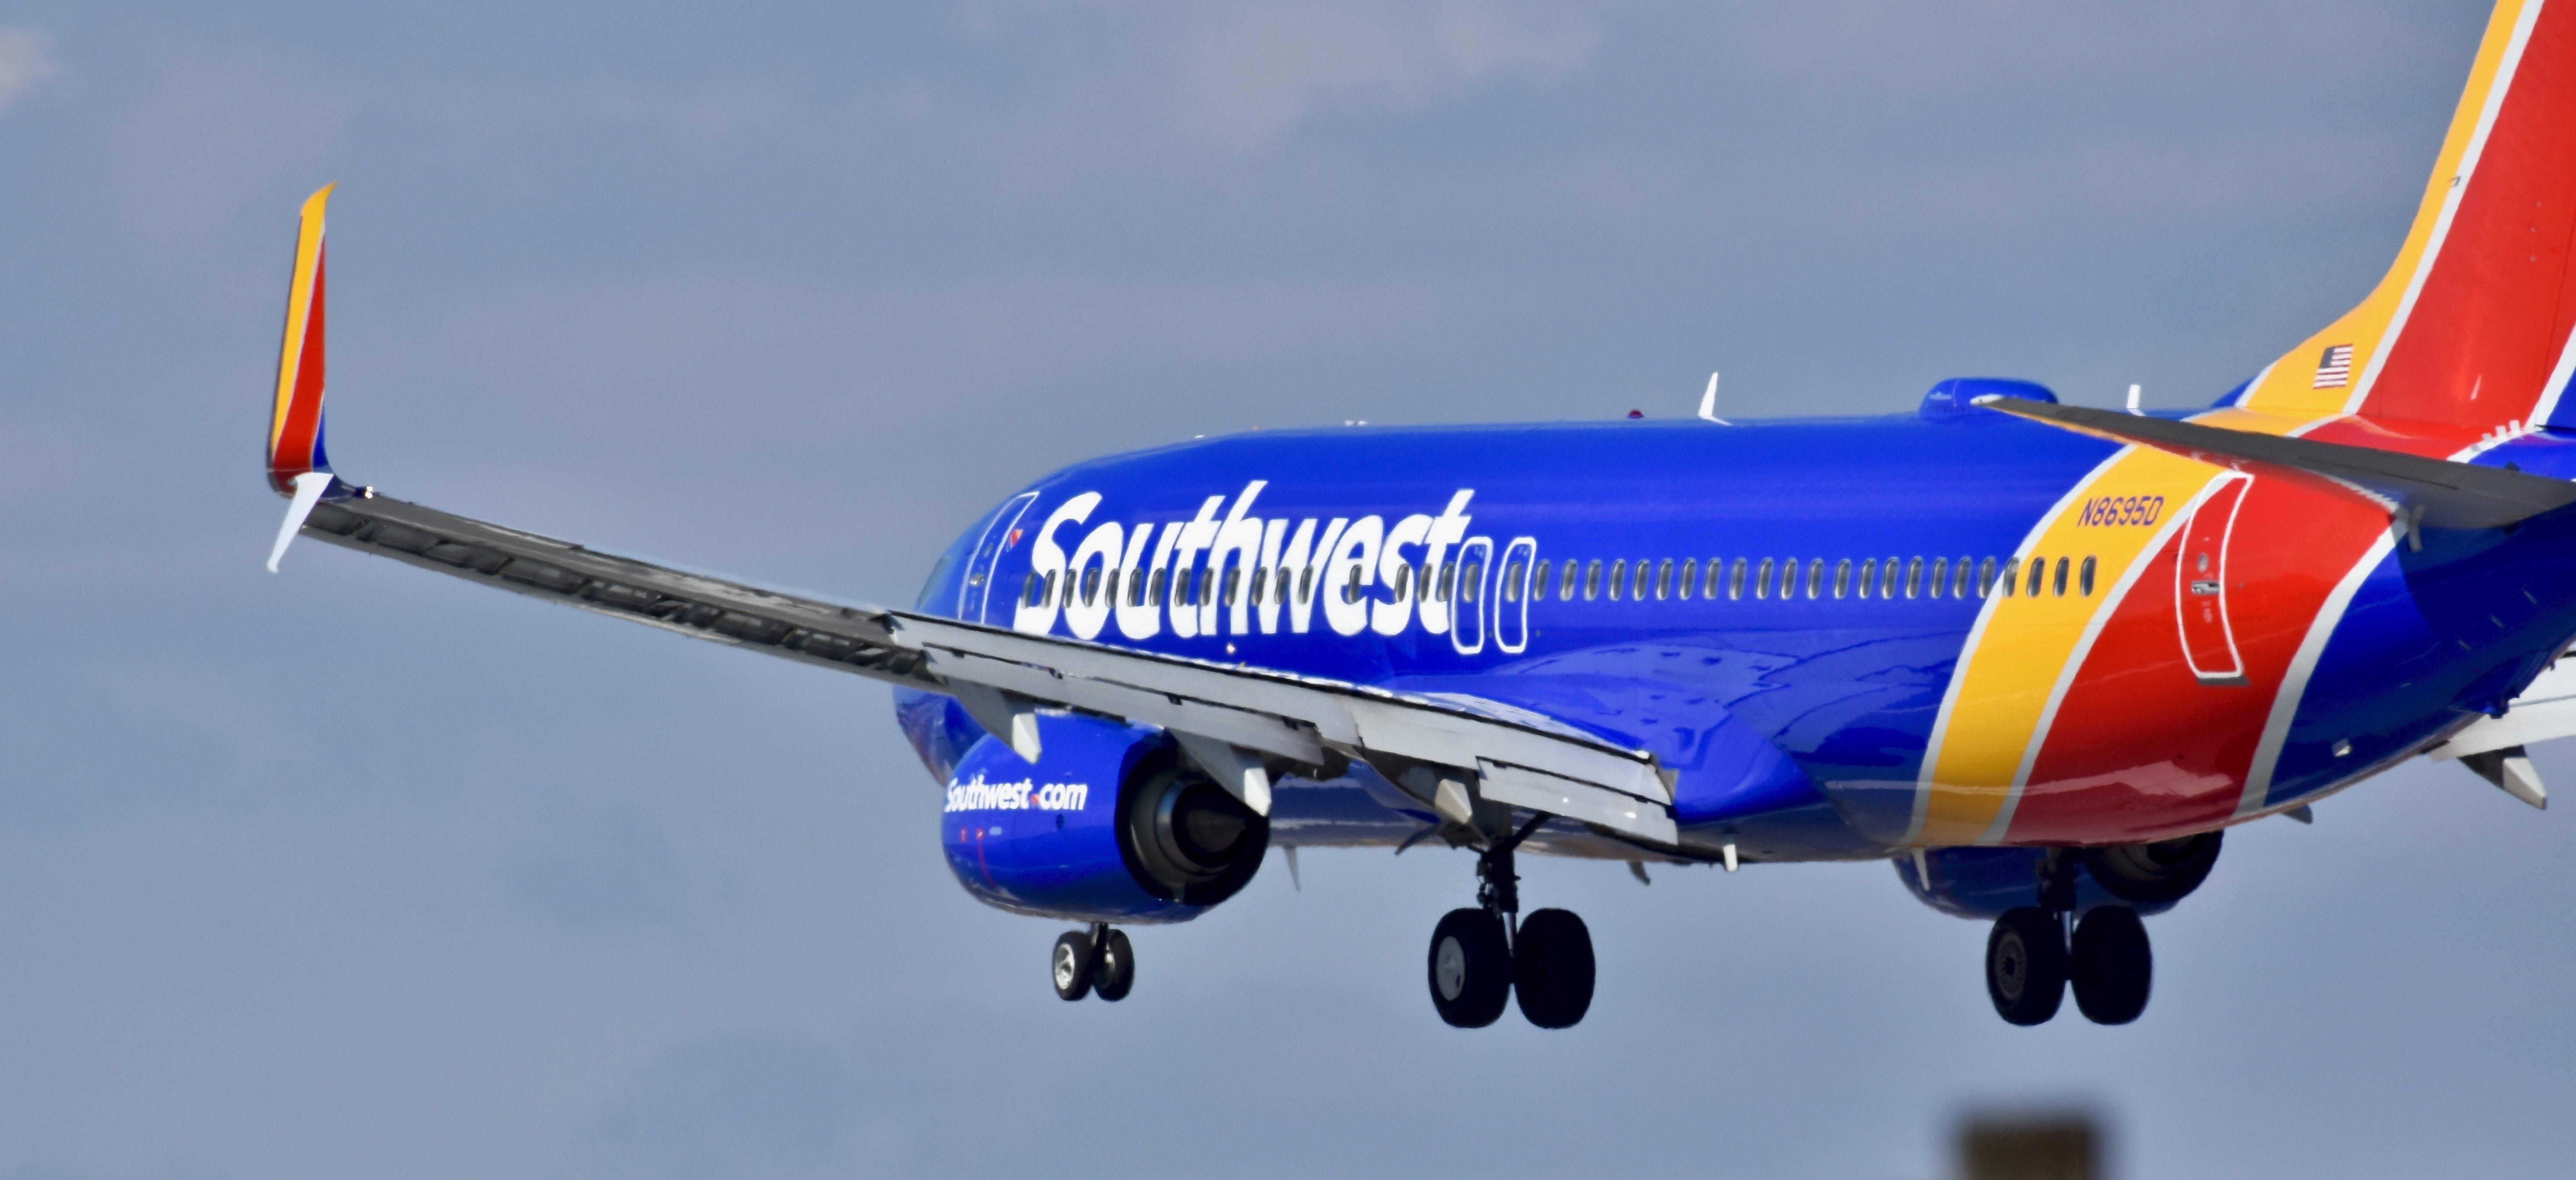 Southwest Plane (Shutterstock/Jeramey Lende)